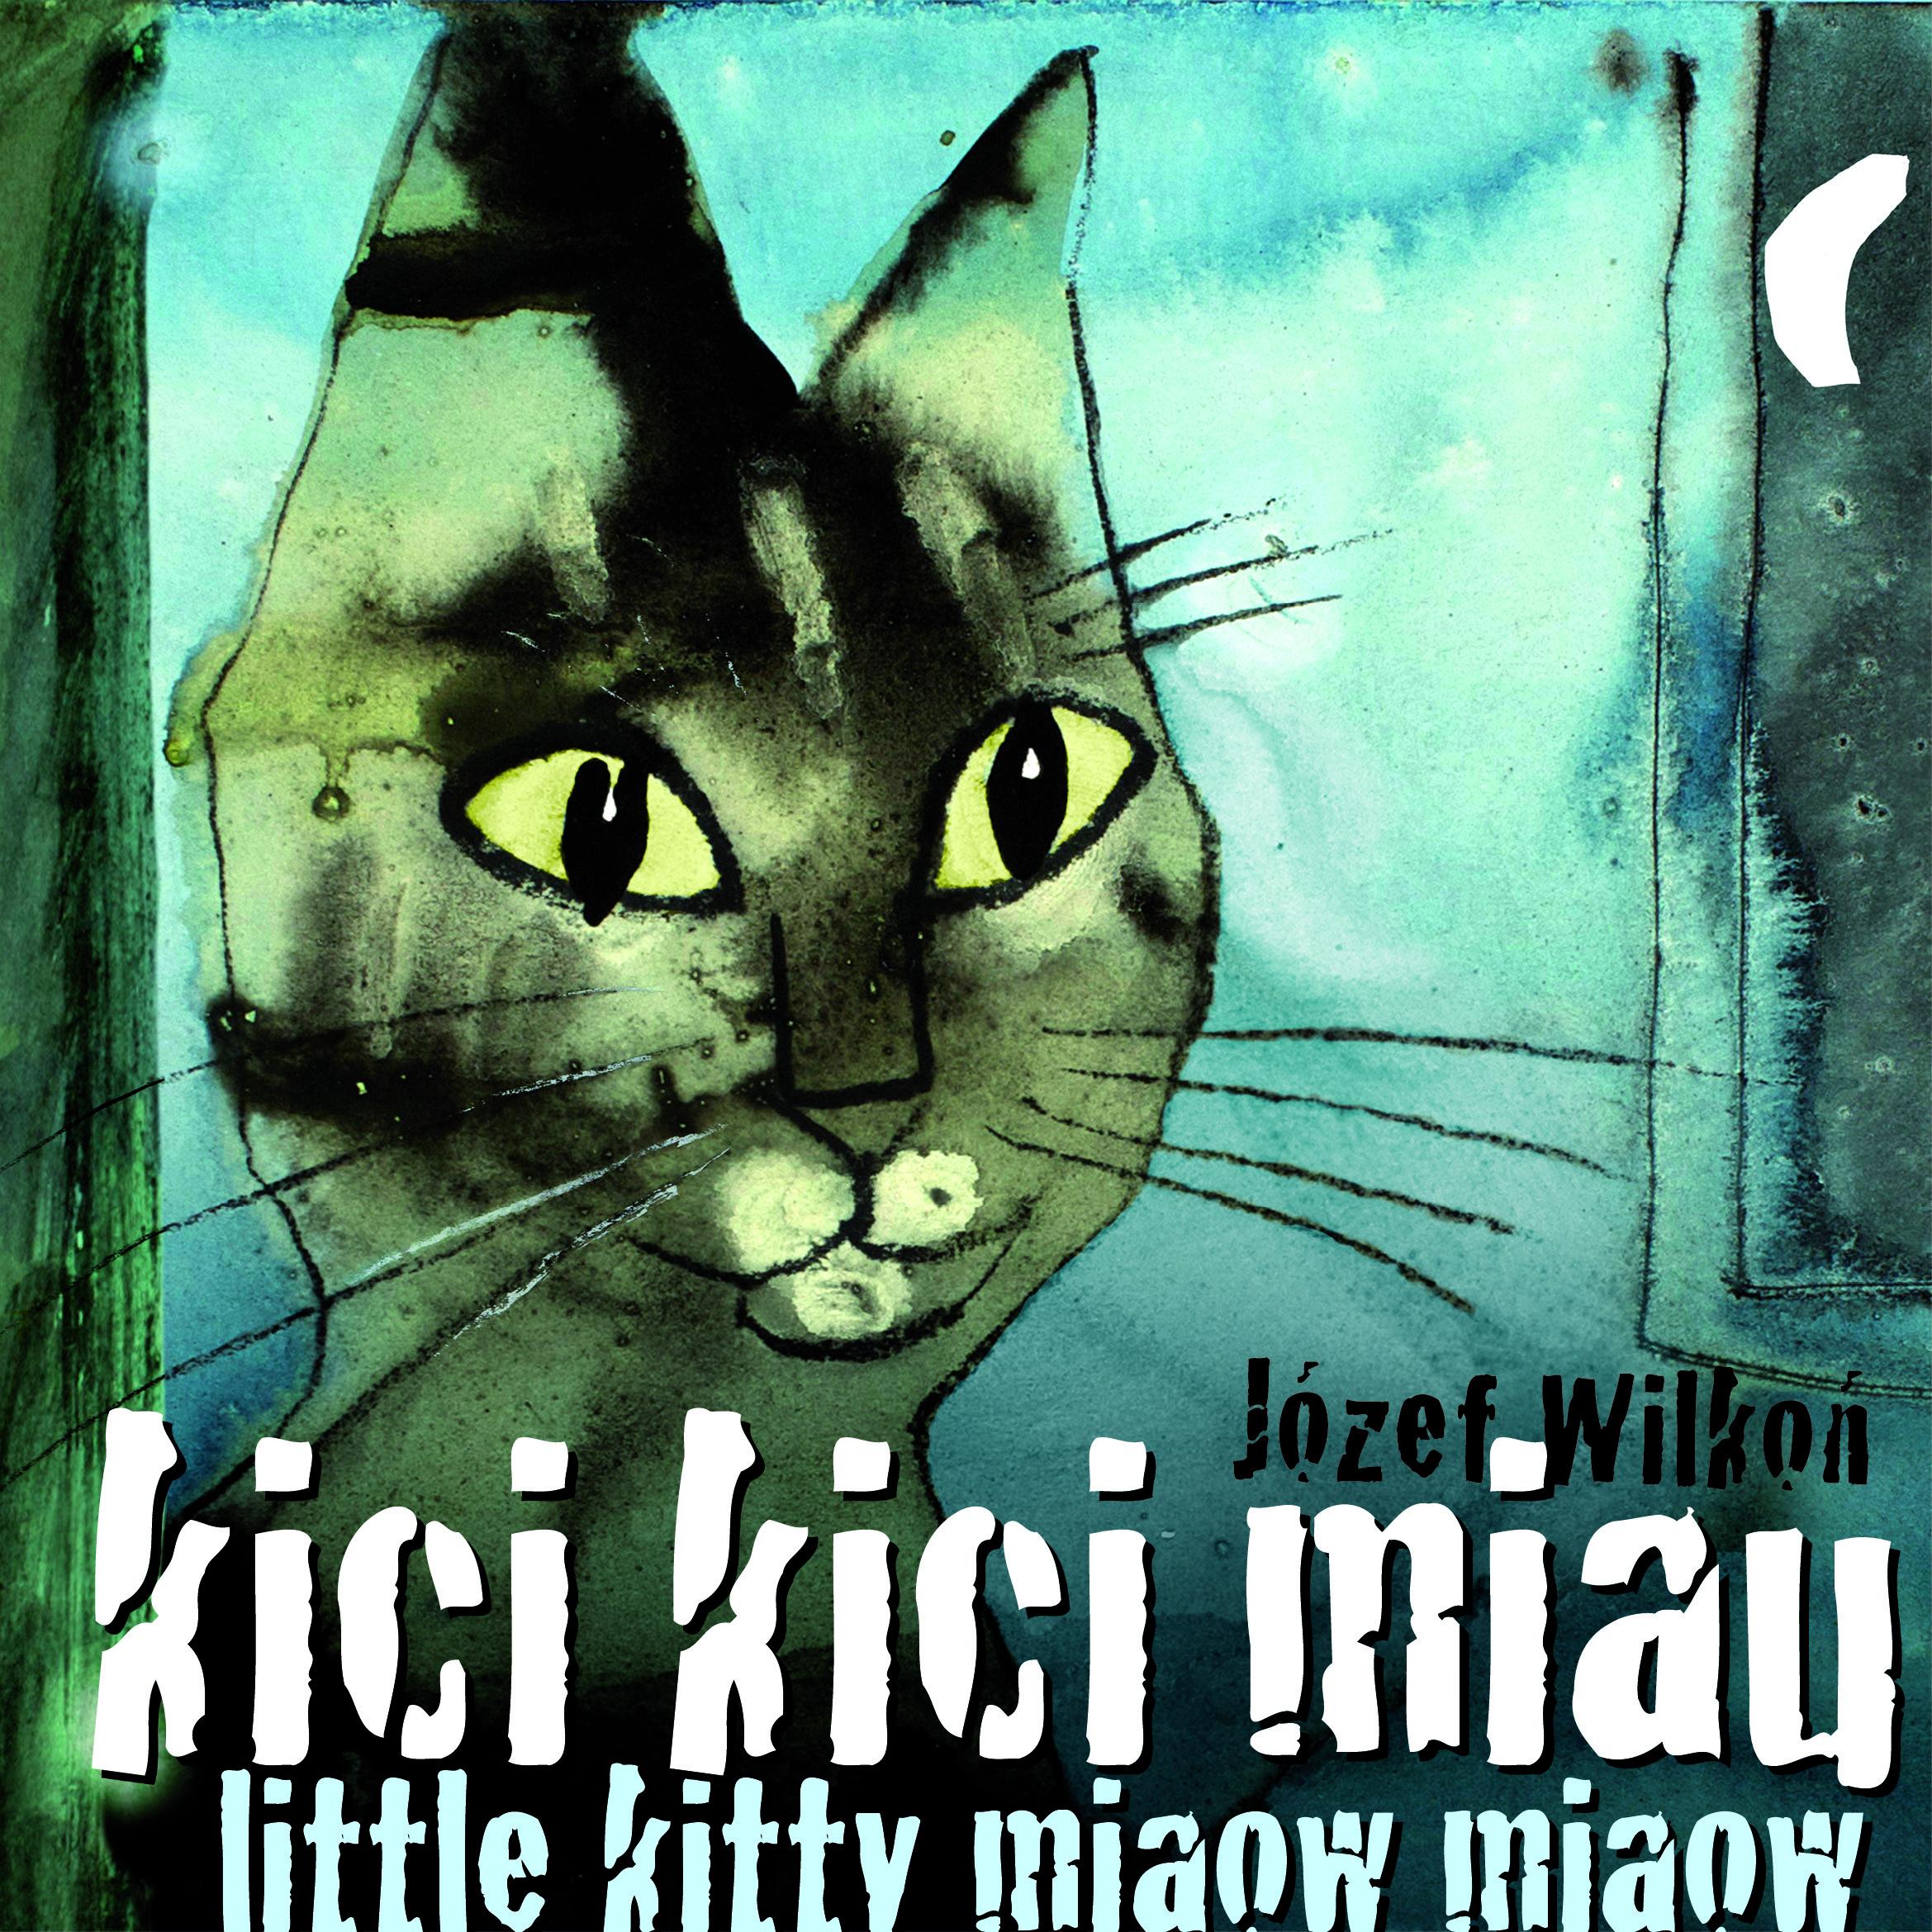 kici kici miau / little kitty miaow miaow